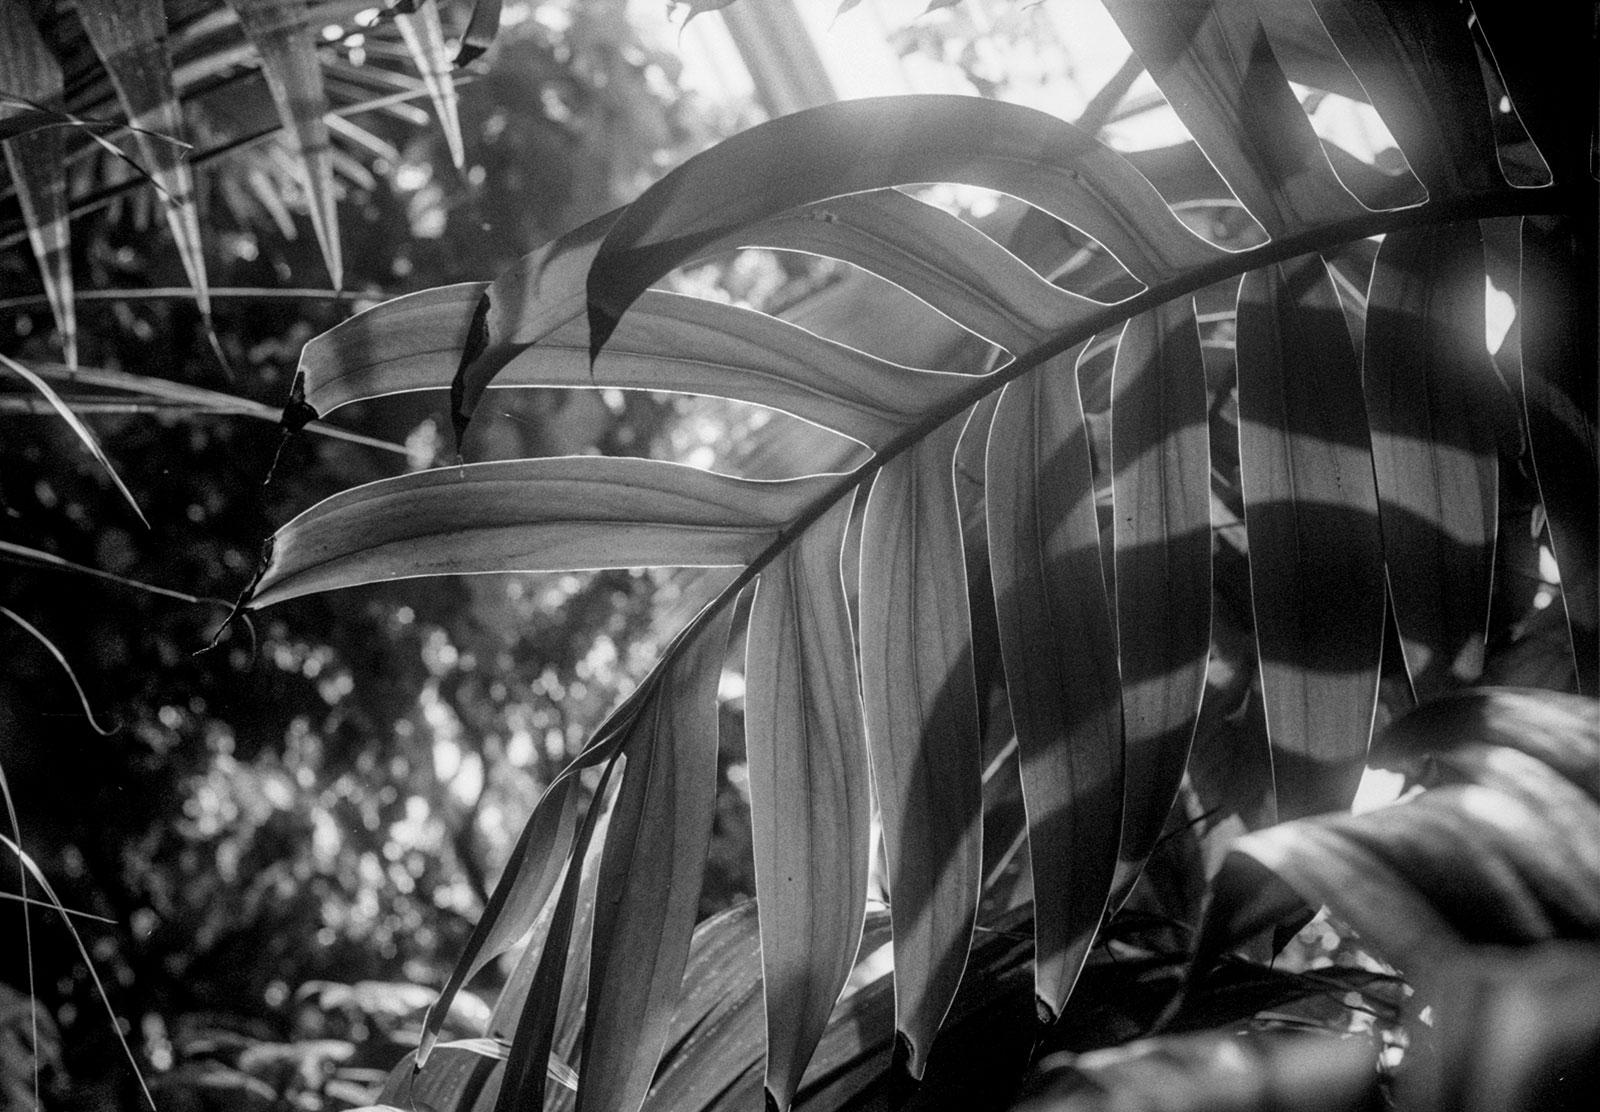 Sun shining through leaf